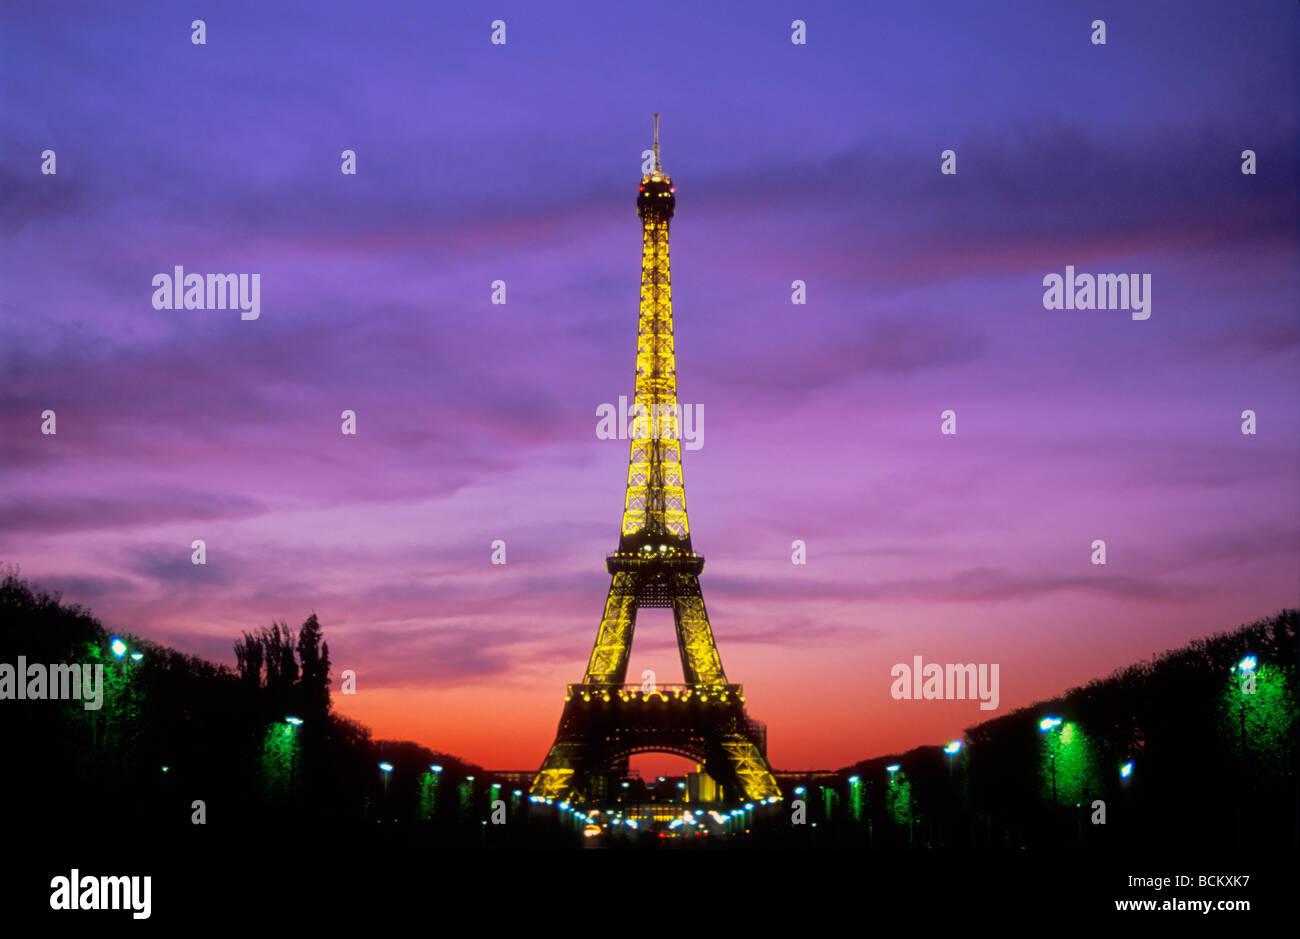 Bhz bhz Paris France EU Europe 'Eiffel tower' sunset from the 'Parc du Champs de Mars' bhz - Stock Image